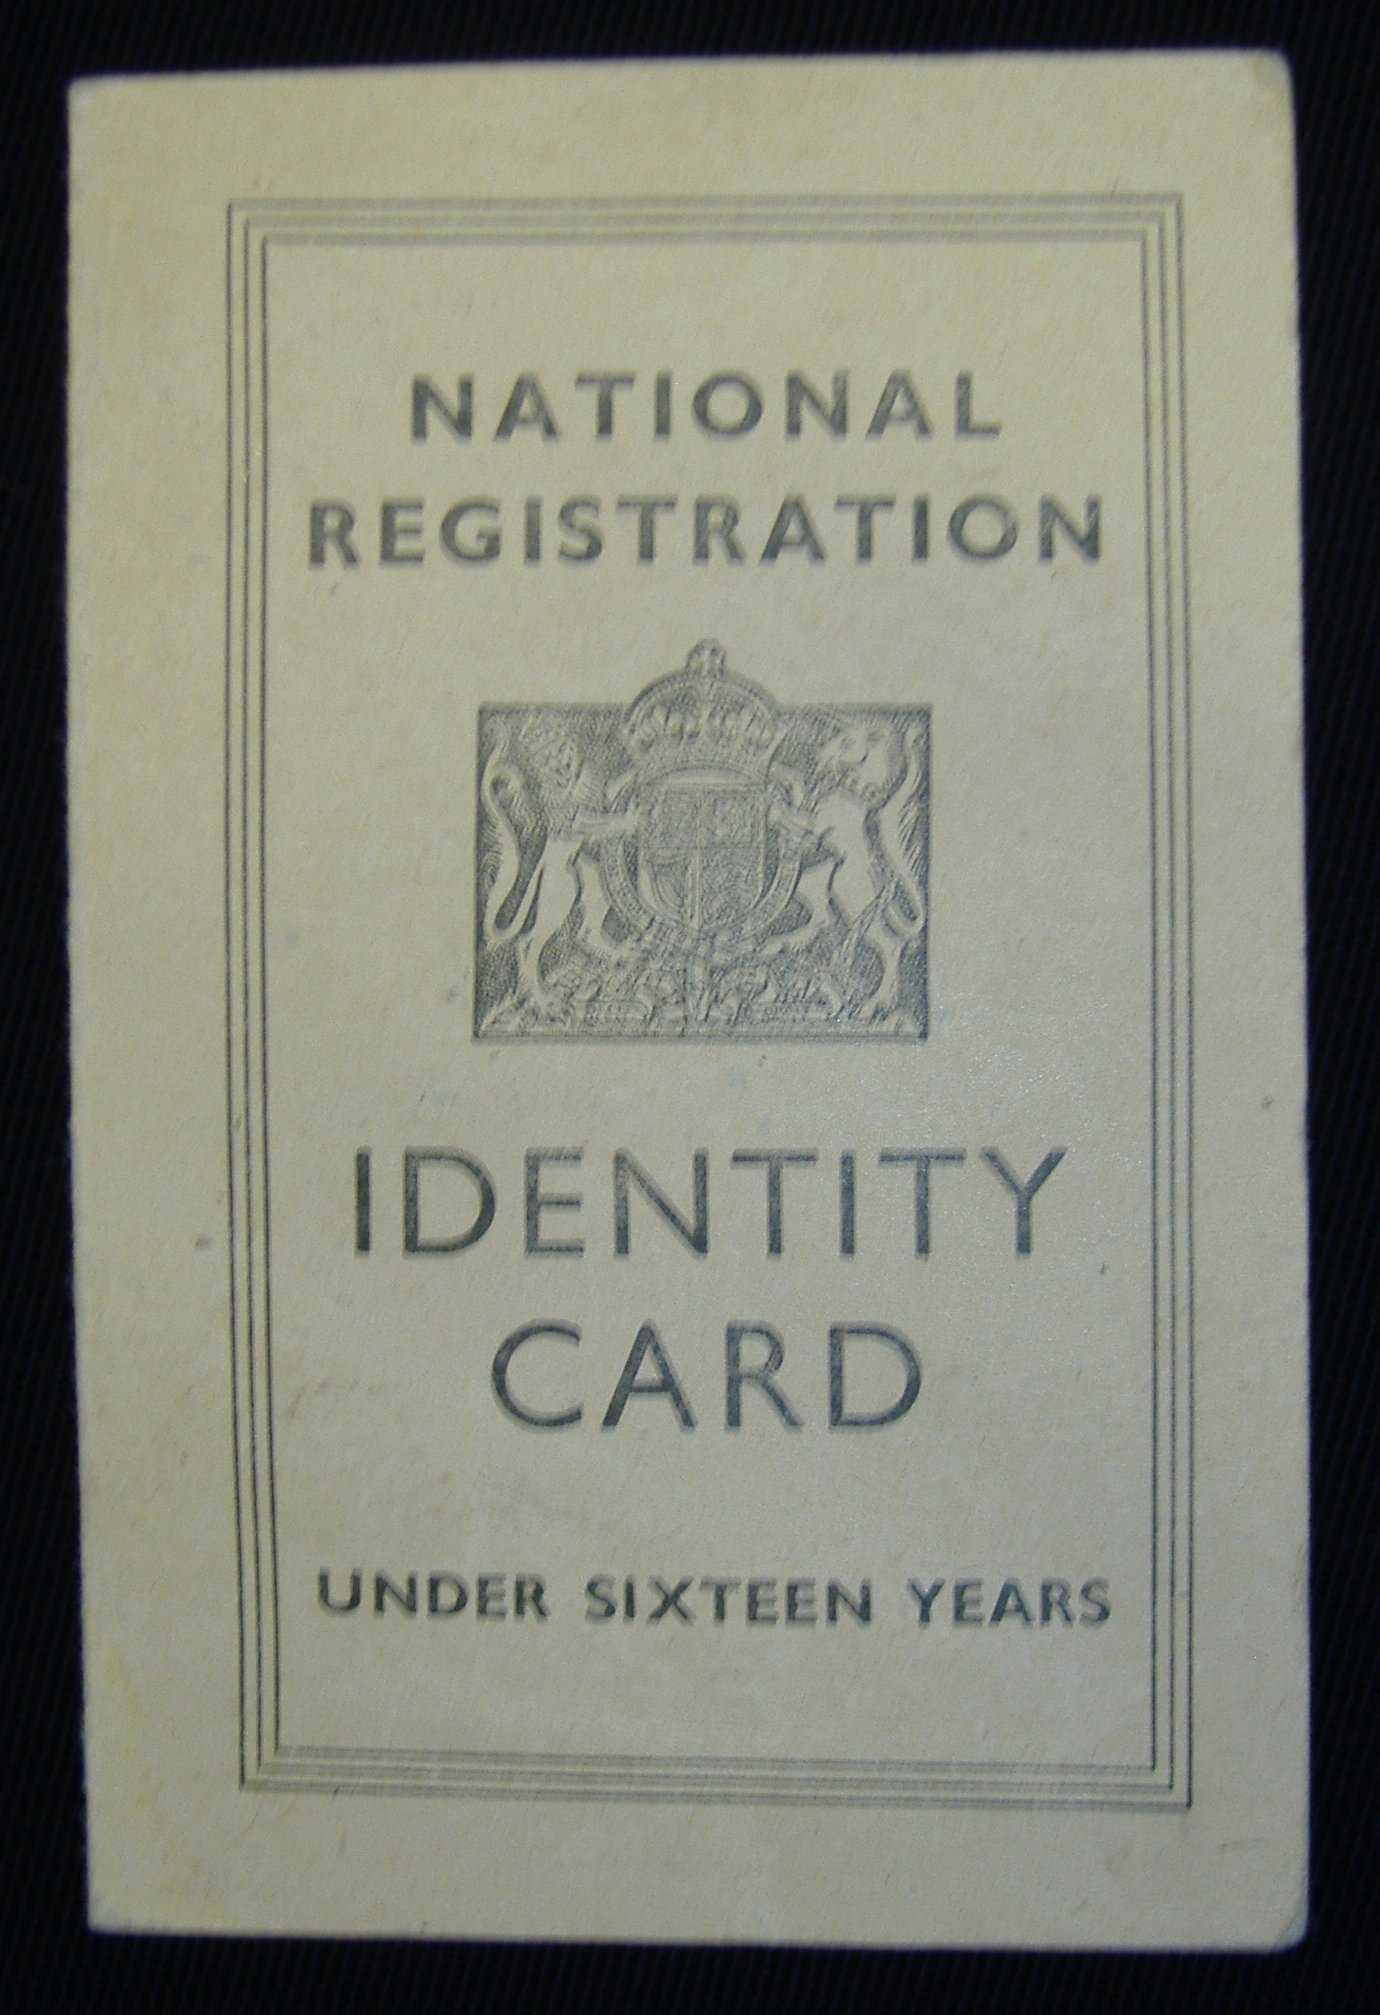 World War 2 Identity Card Template - Atlantaauctionco For World War 2 Identity Card Template